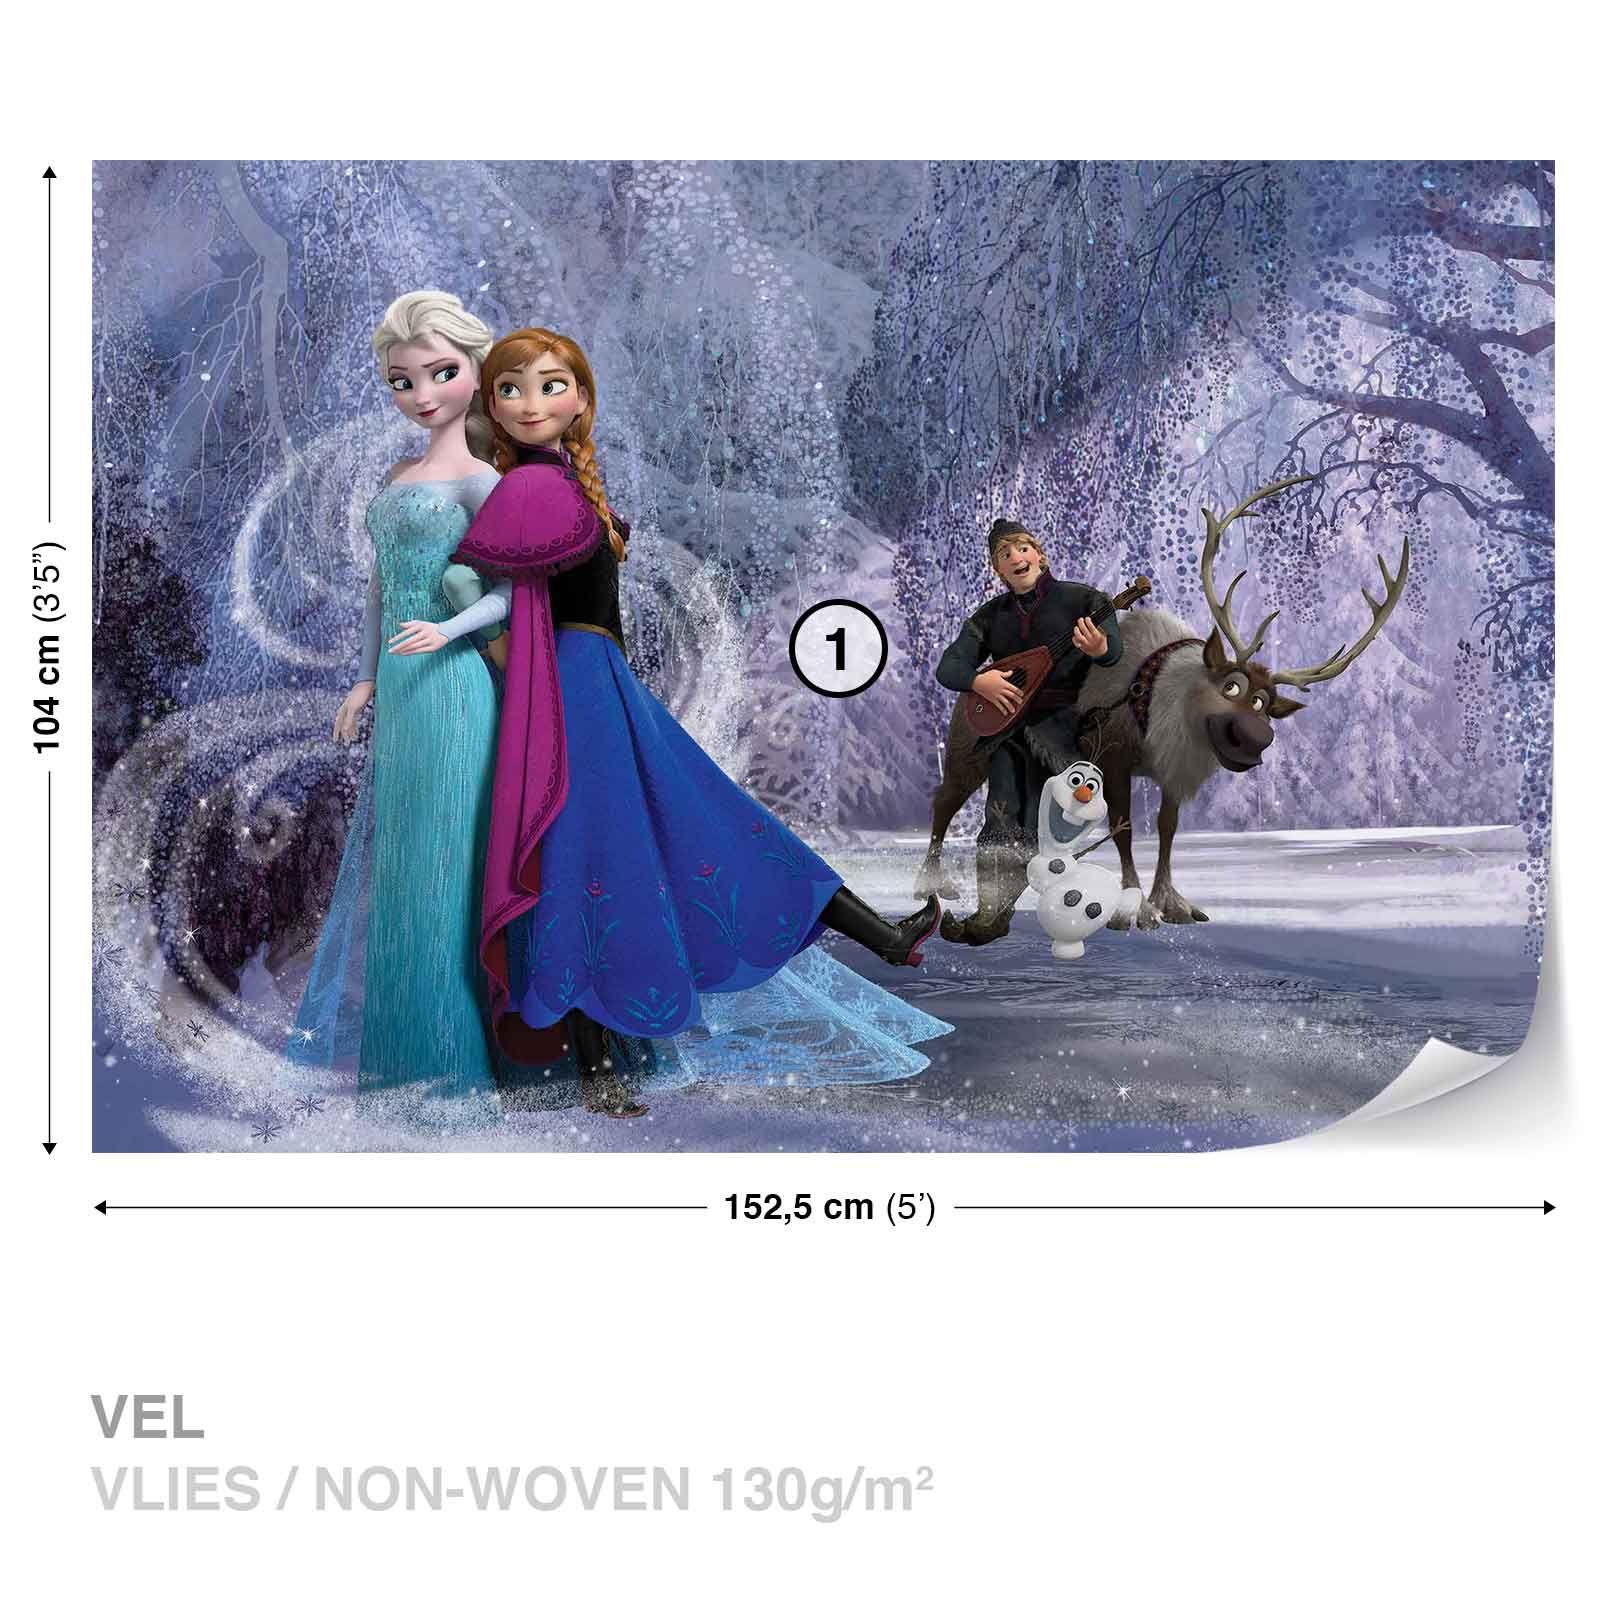 Disney Frozen Elsa Anna WALL MURAL PHOTO WALLPAPER DK